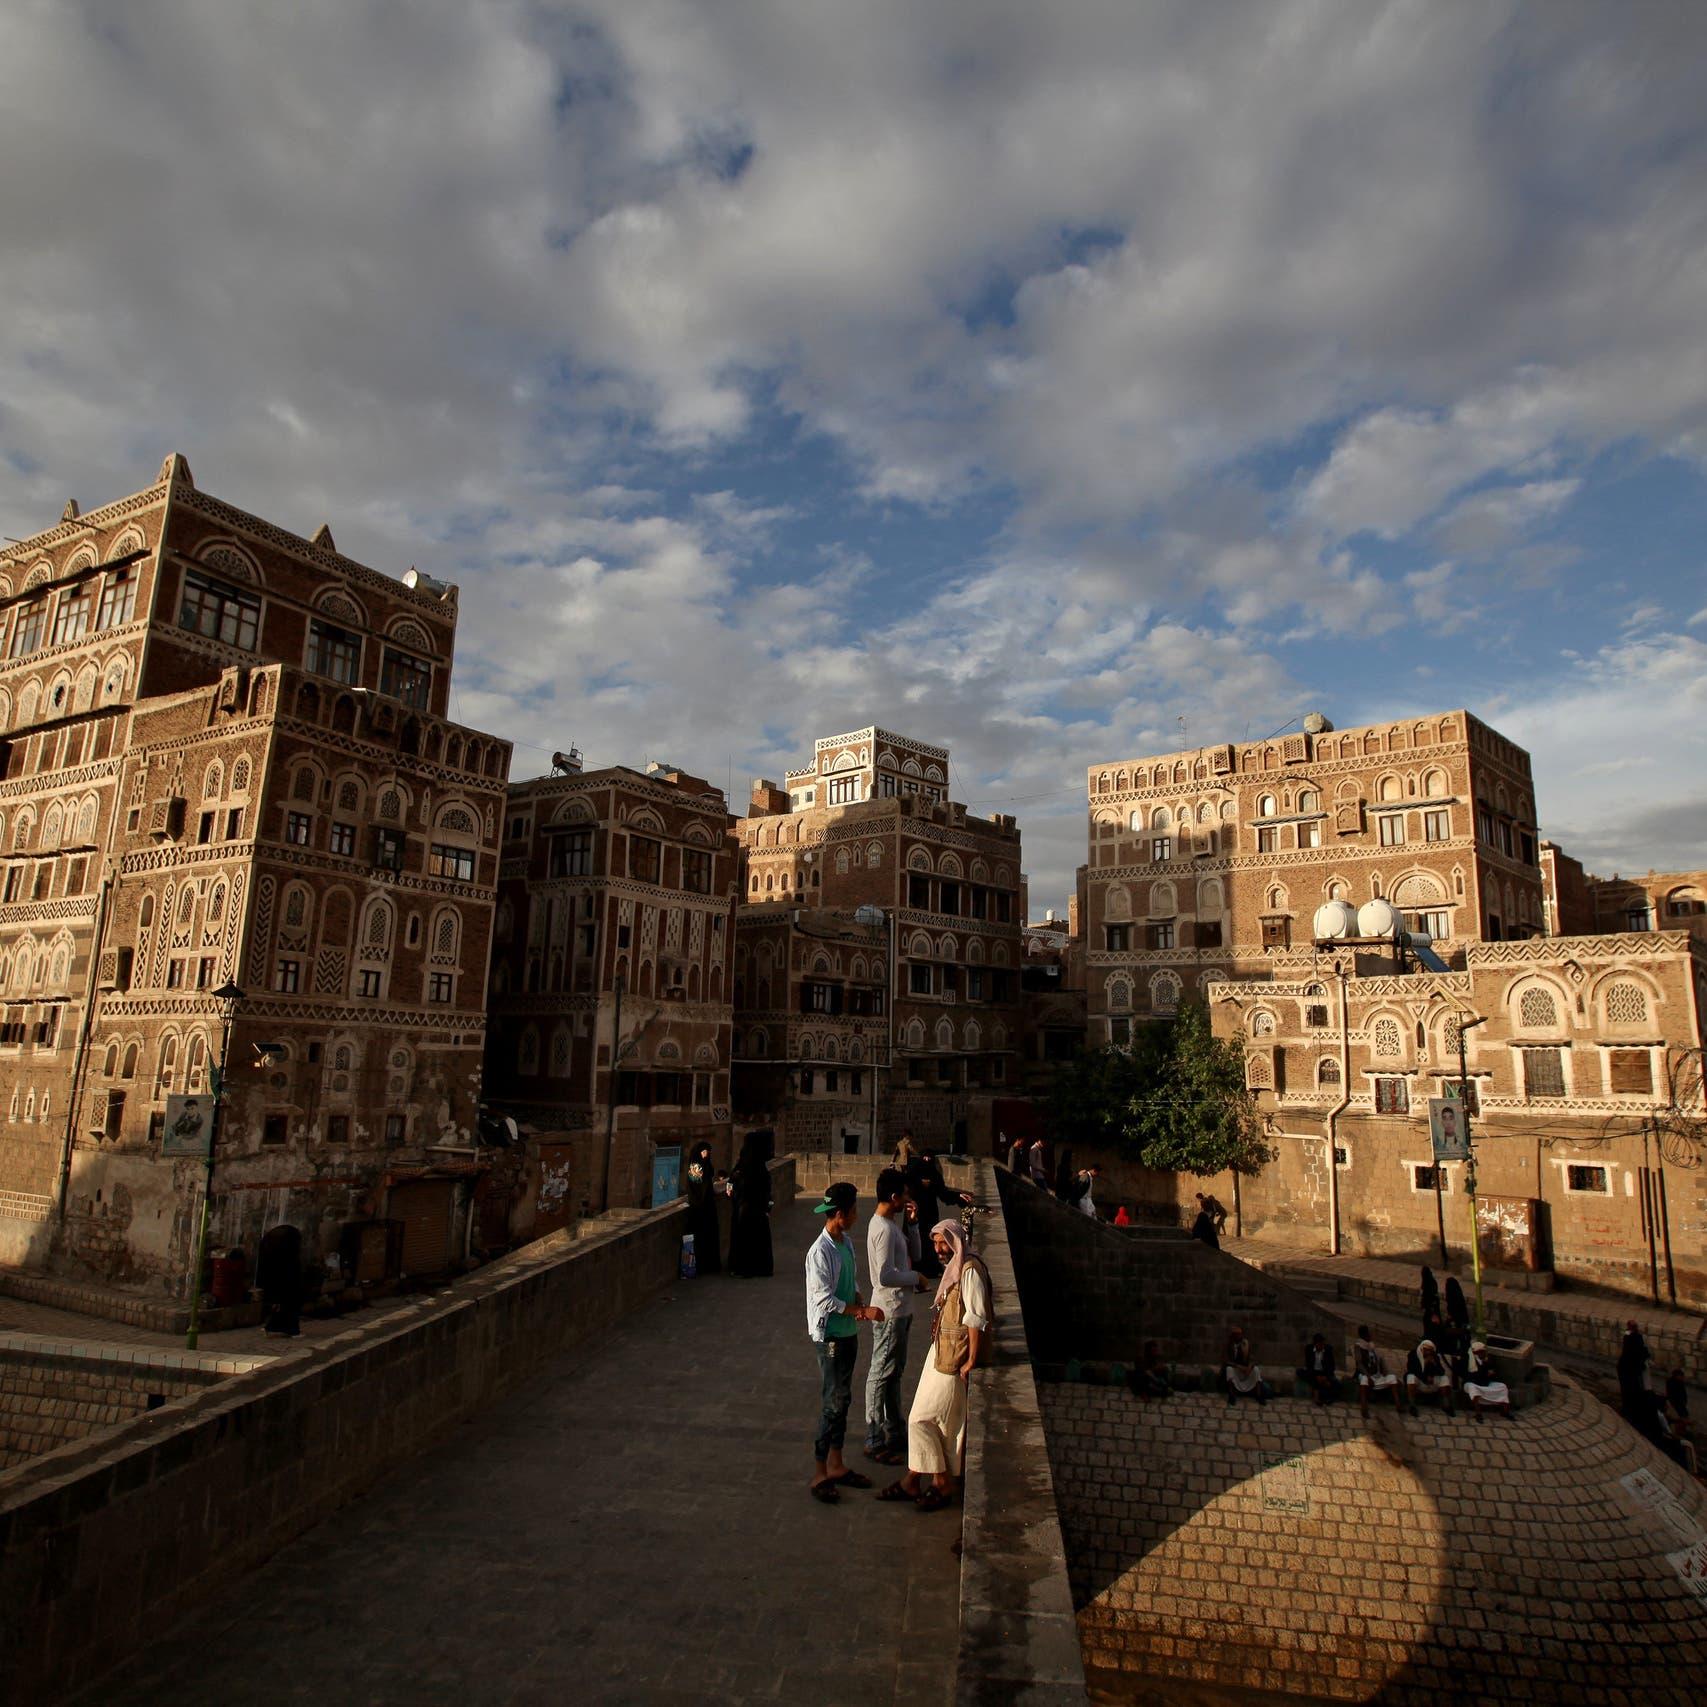 شبكة حوثية بإشراف إيراني للتنصت على اتصالات اليمنيين